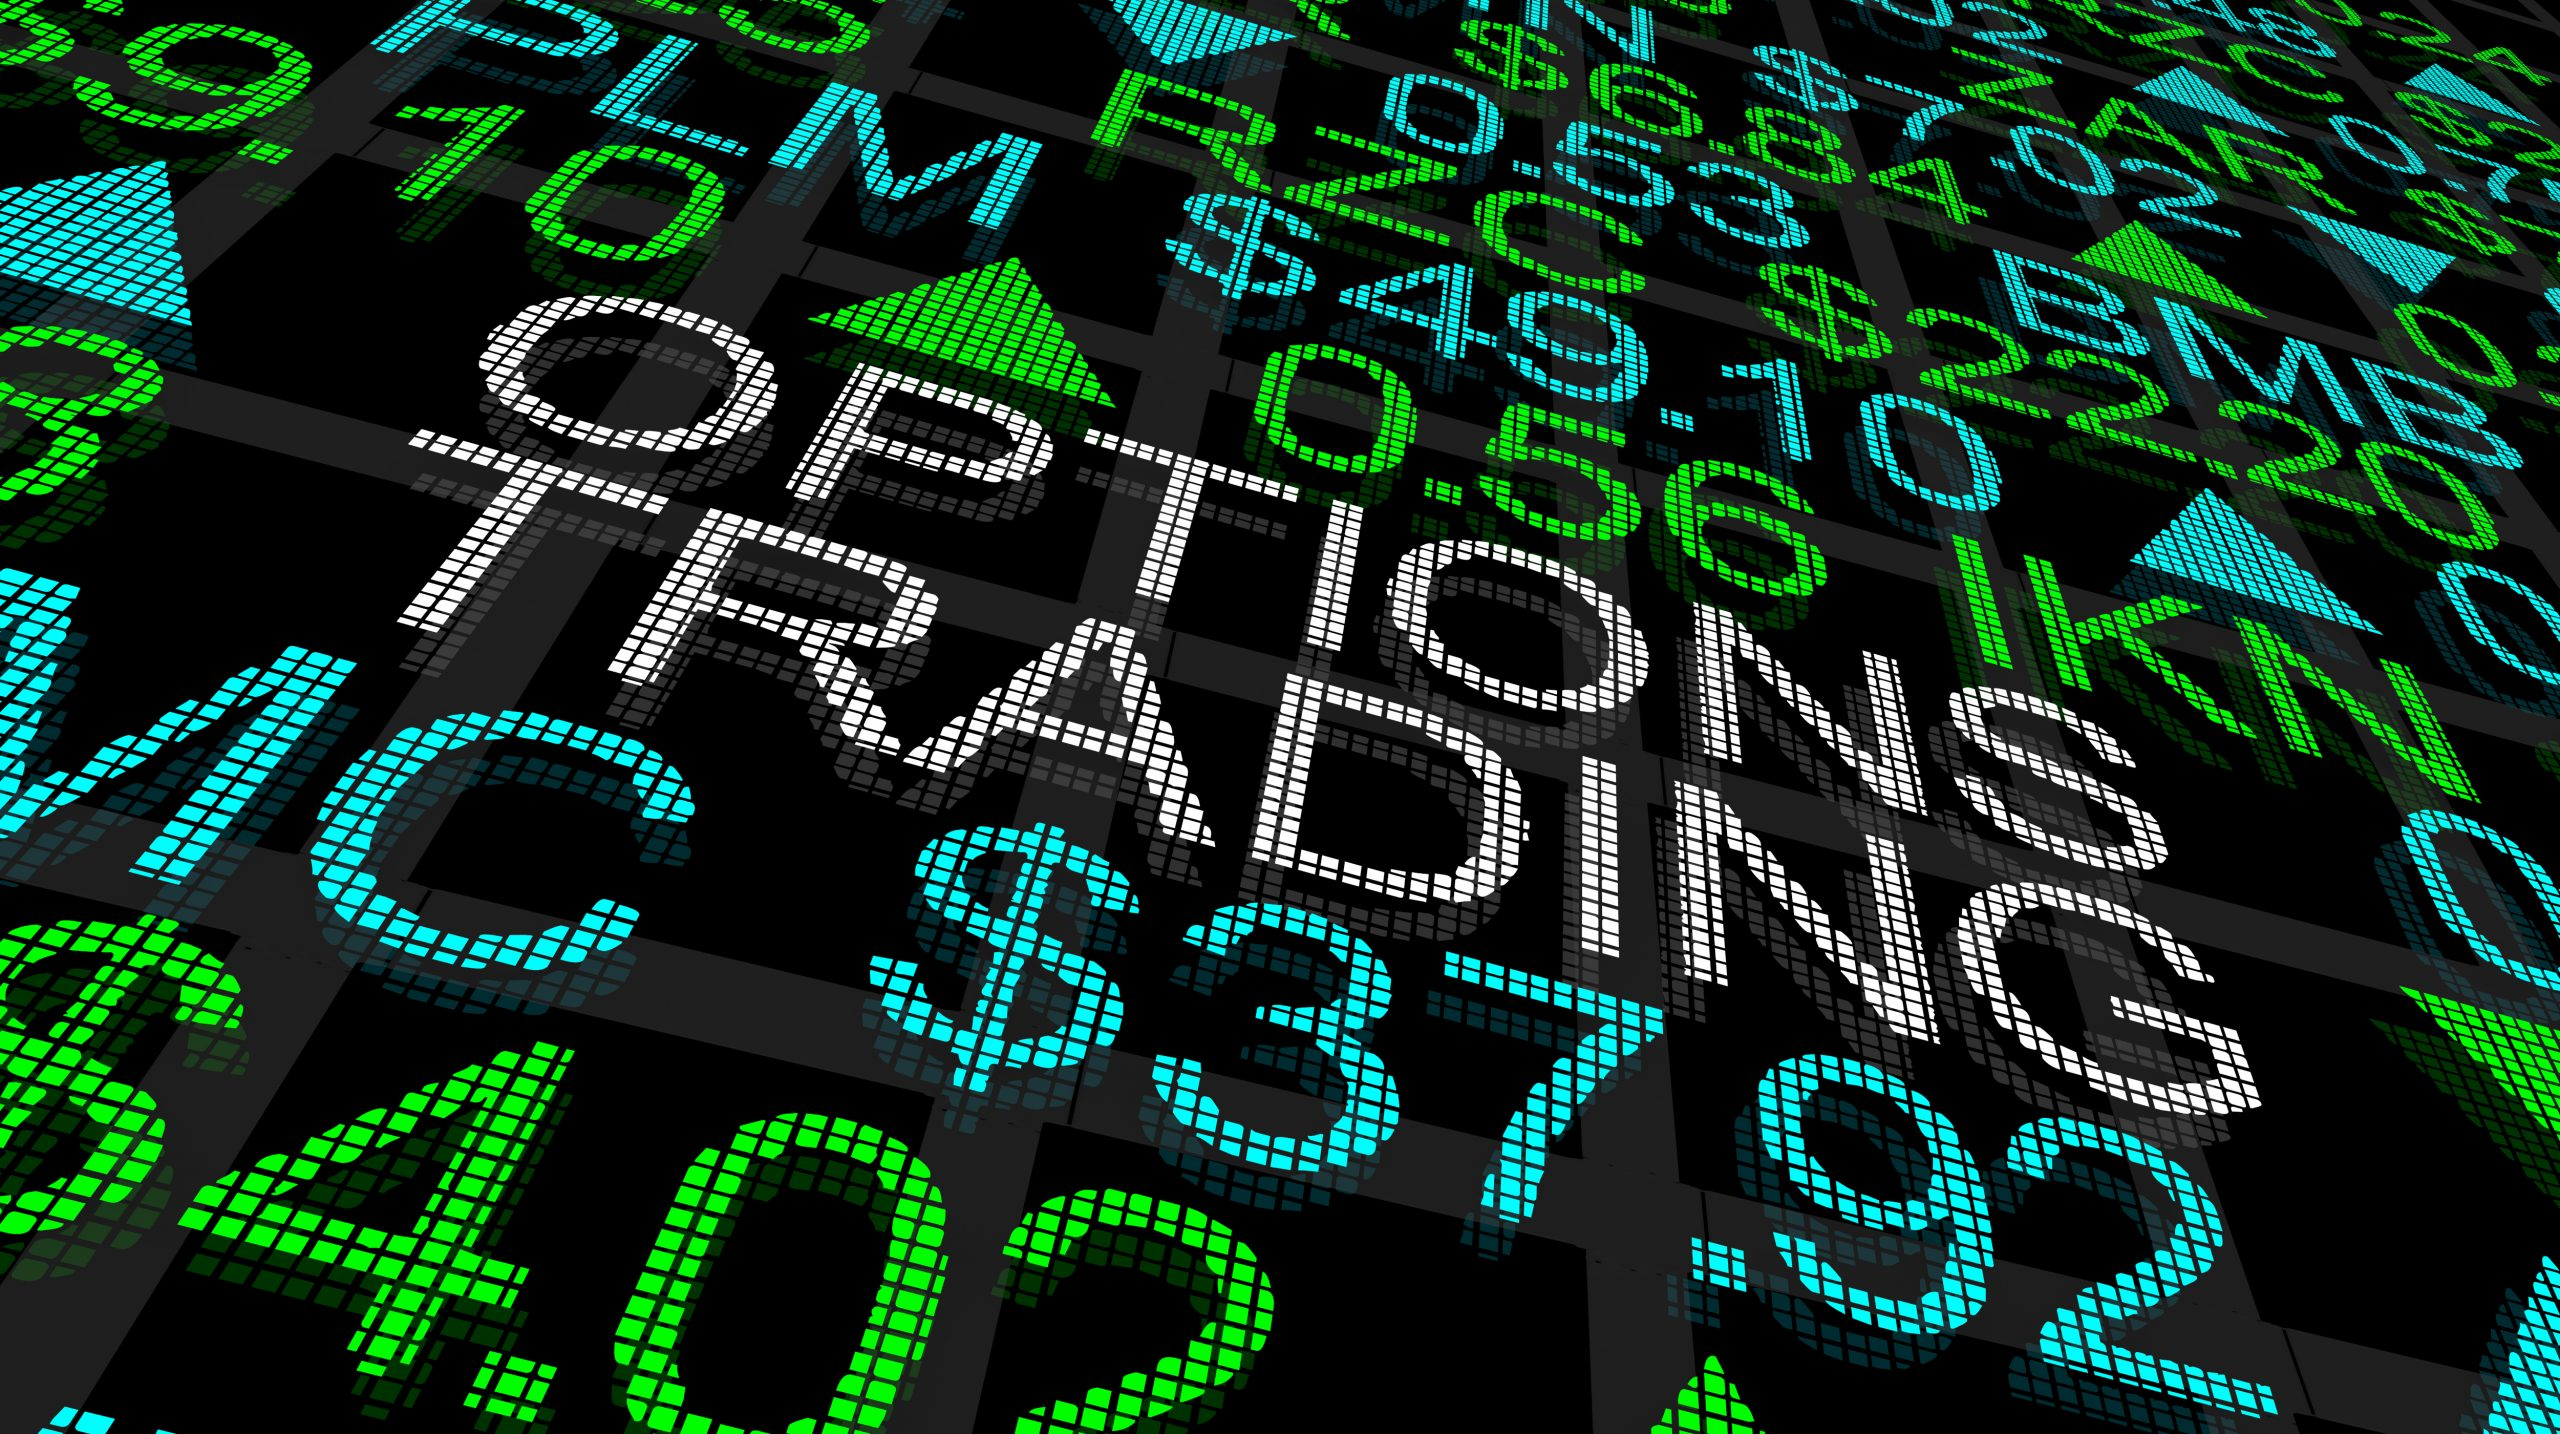 Optionen Matif/Euronext & Cbot